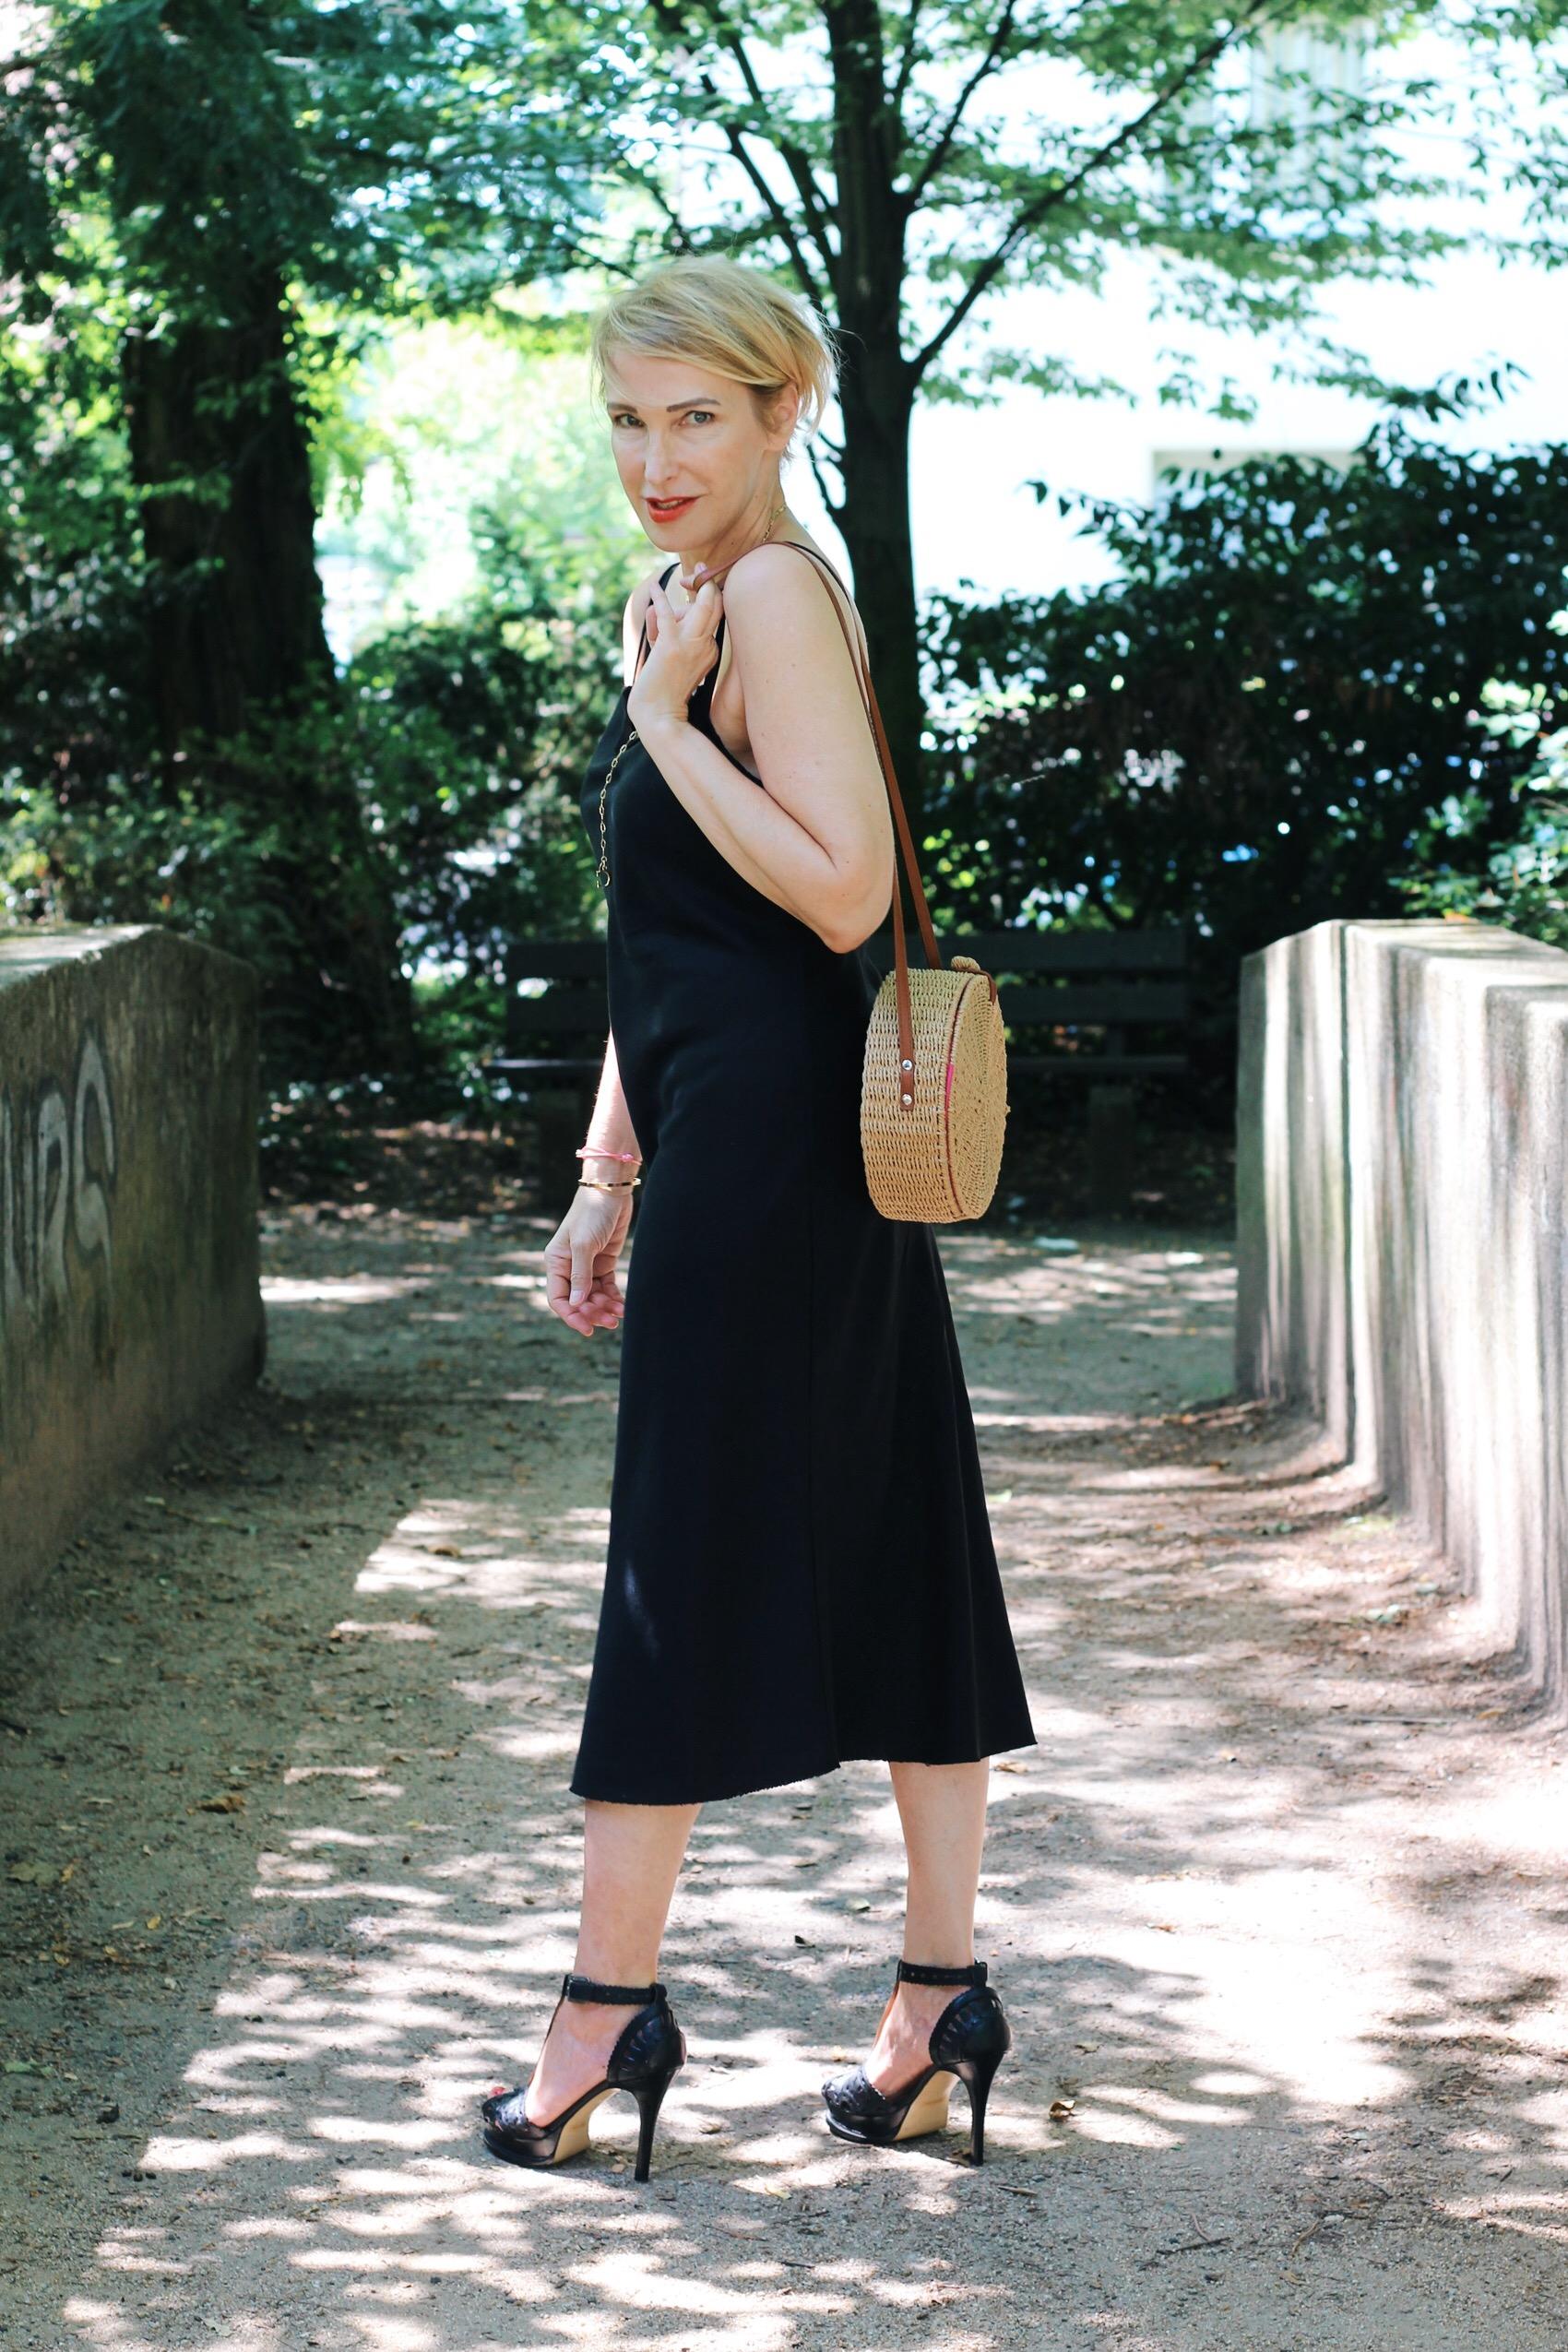 glamupyourlifestyle Sommerkleid ü-40-blog ü-50-blog ue-40-blog ue-50-blog